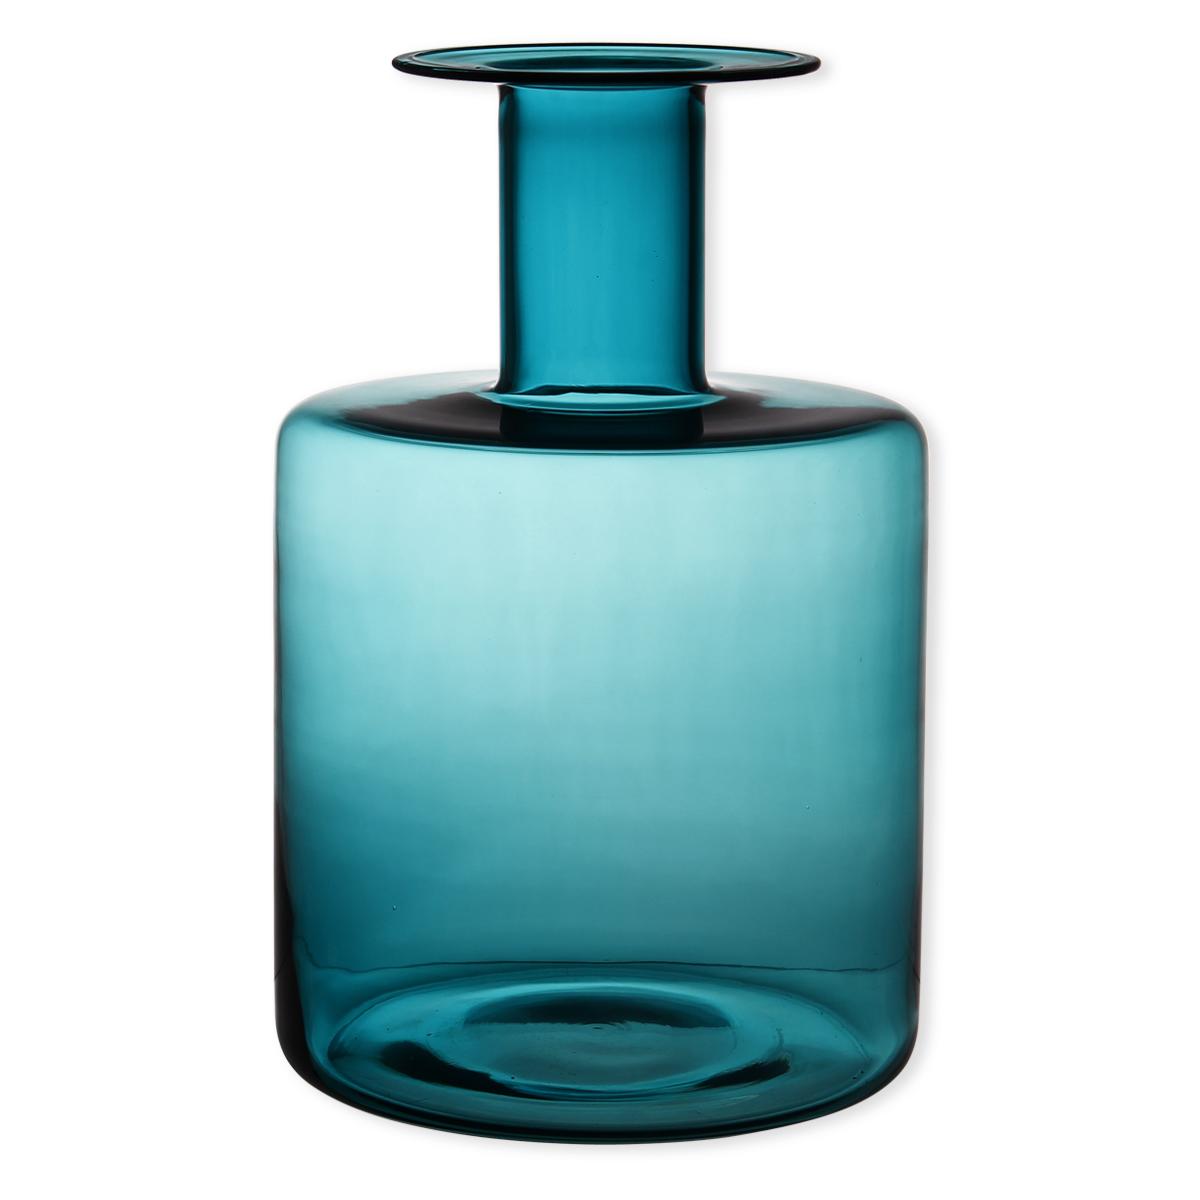 vase bleu turquoise en verre souffl bouche 40cm bruno evrard. Black Bedroom Furniture Sets. Home Design Ideas